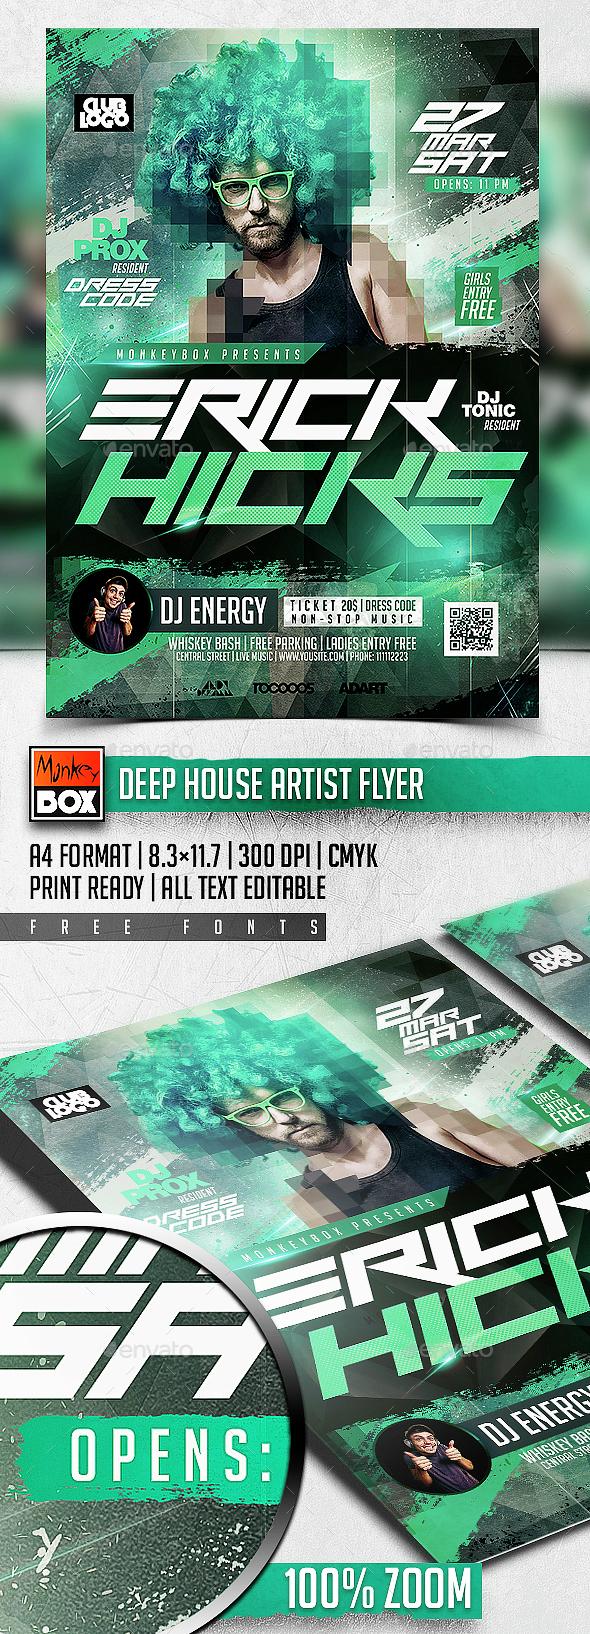 Deep House Artist Flyer - Clubs & Parties Events